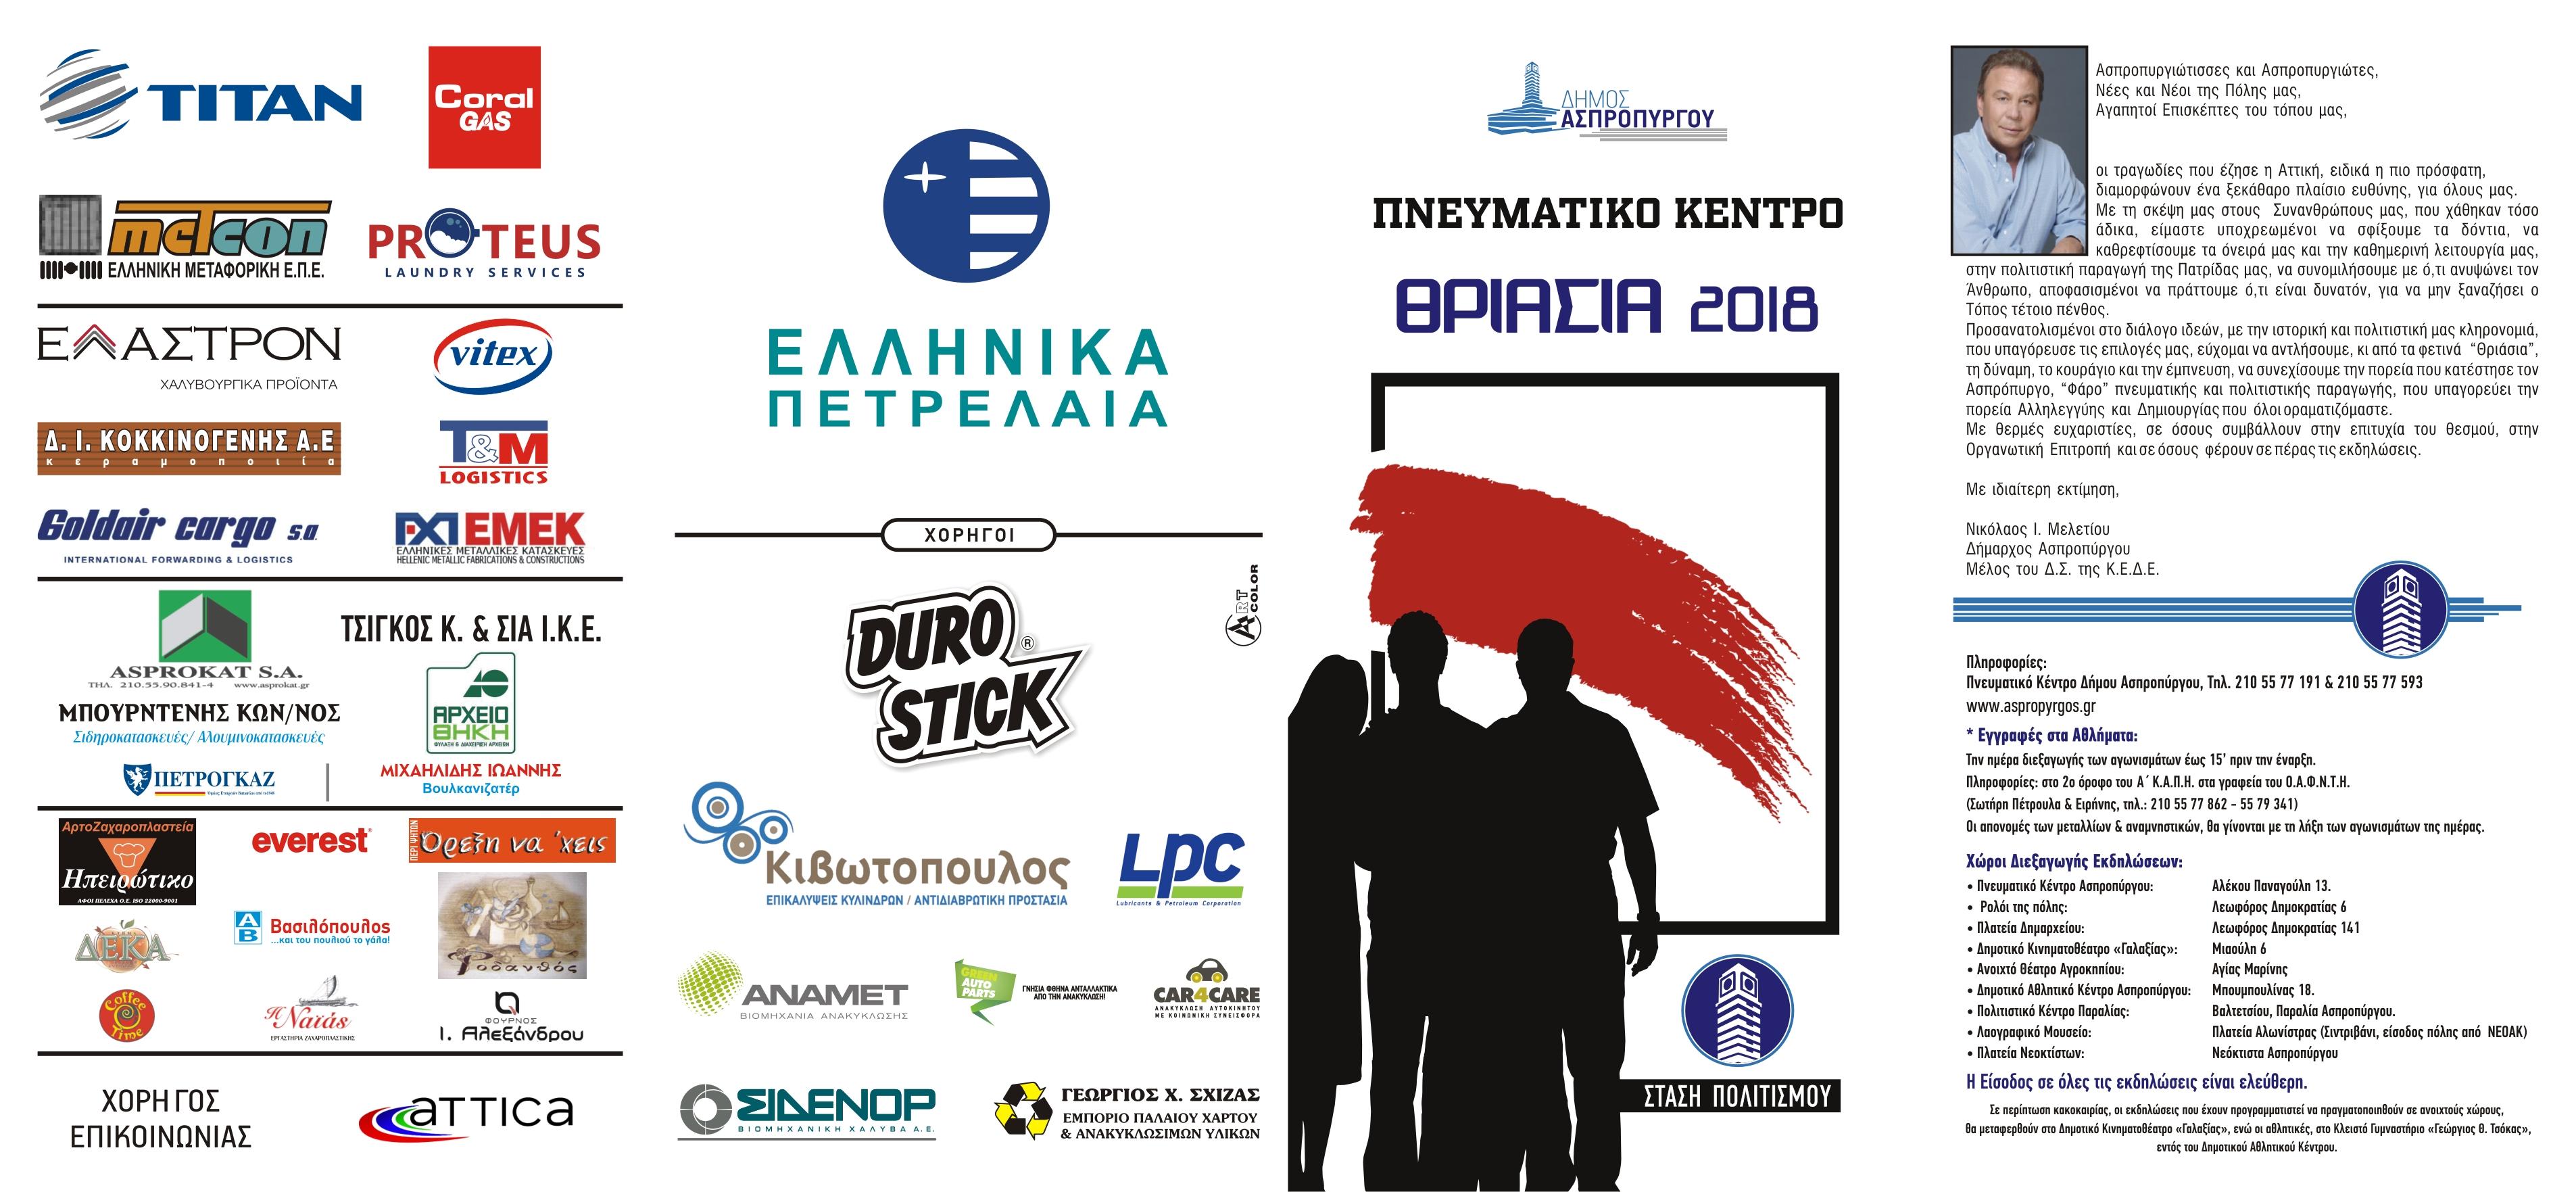 Entypo_Thriasia2018_01